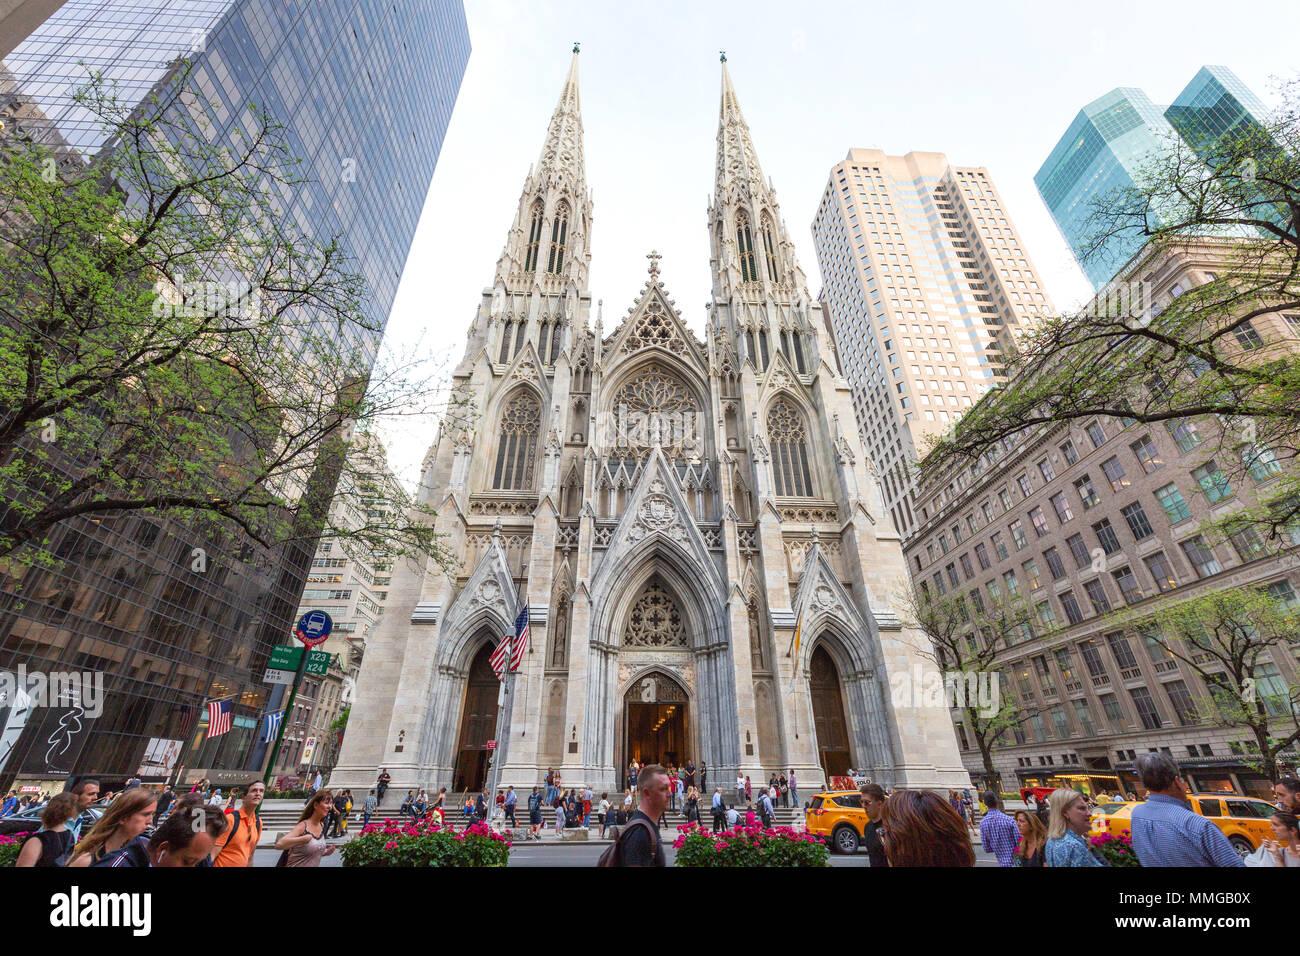 La Cathédrale St Patrick, New York, vu de la Cinquième Avenue, New York City, USA Banque D'Images